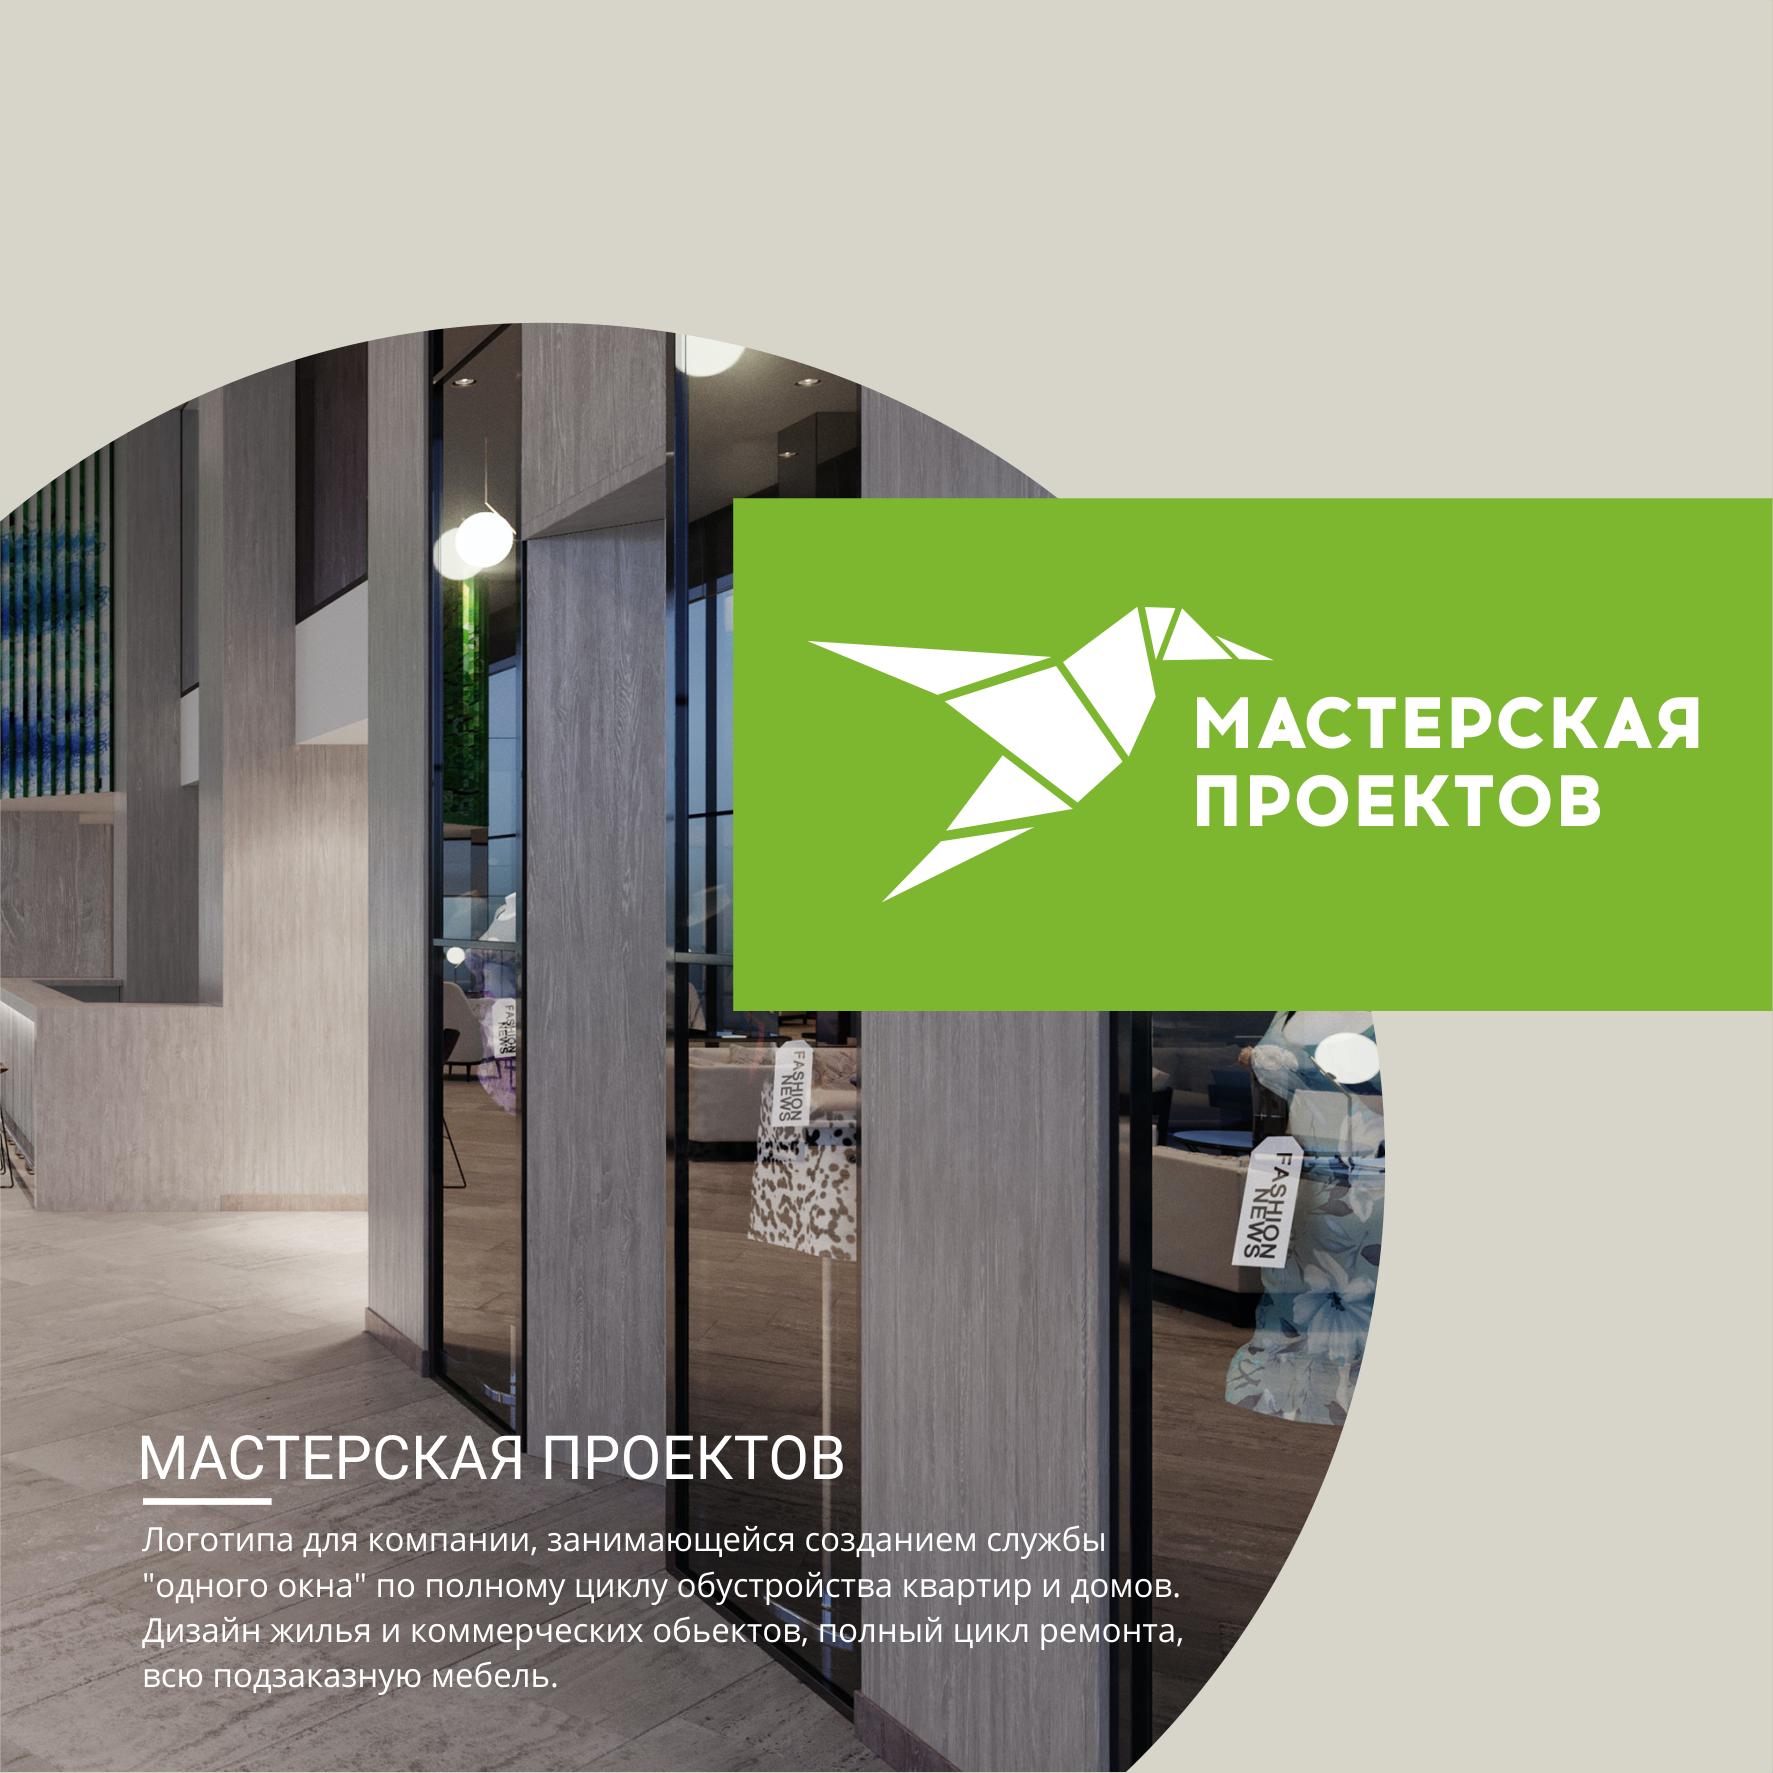 Разработка логотипа строительно-мебельного проекта (см. опис фото f_8776076fe2ca8321.png